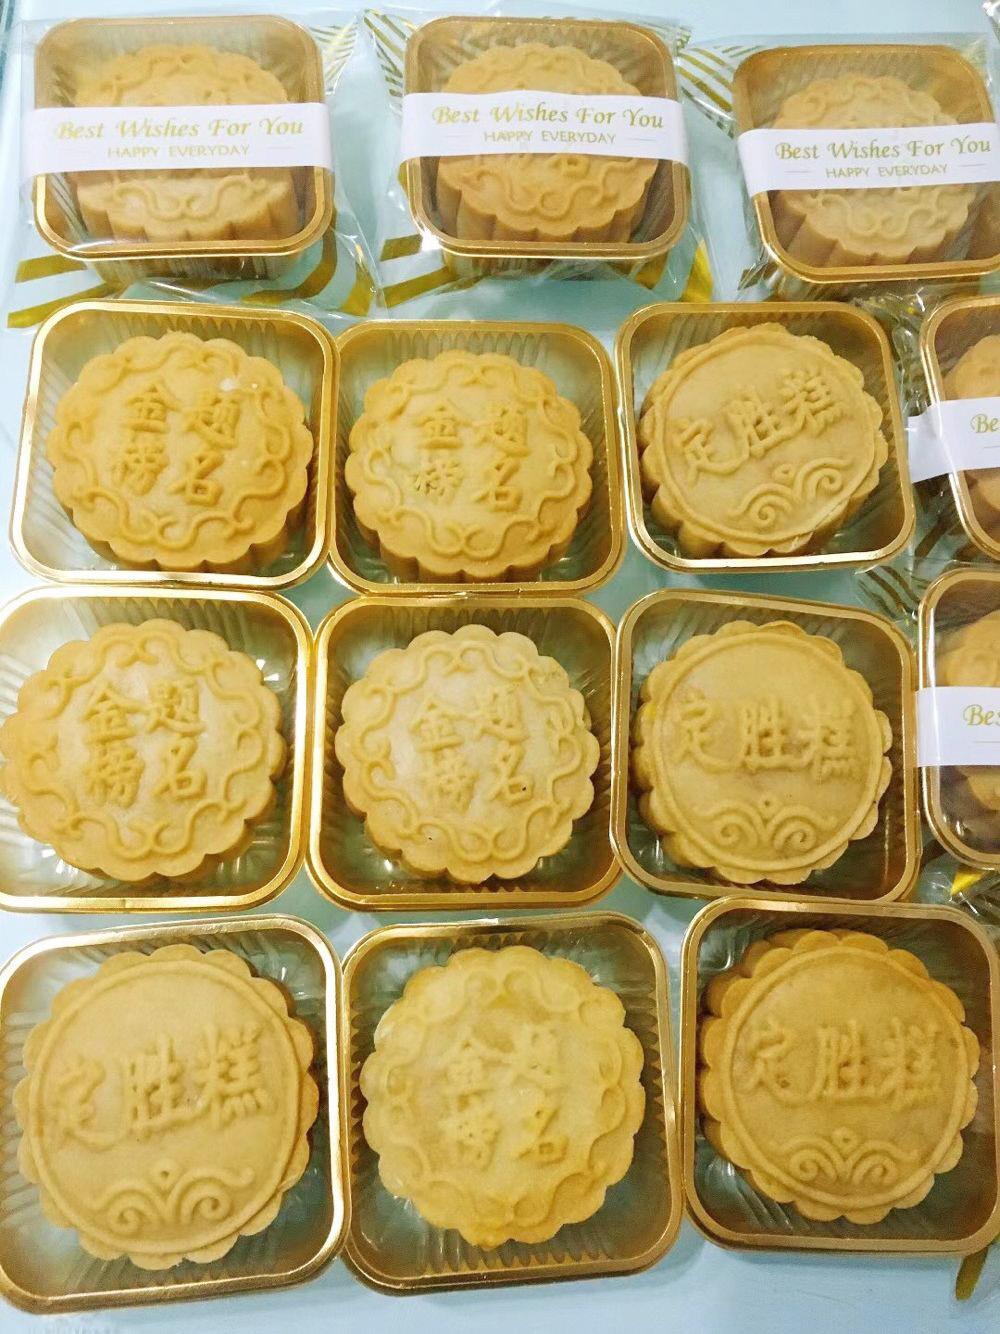 端午将至 扬州花式绿豆糕你吃过吗?